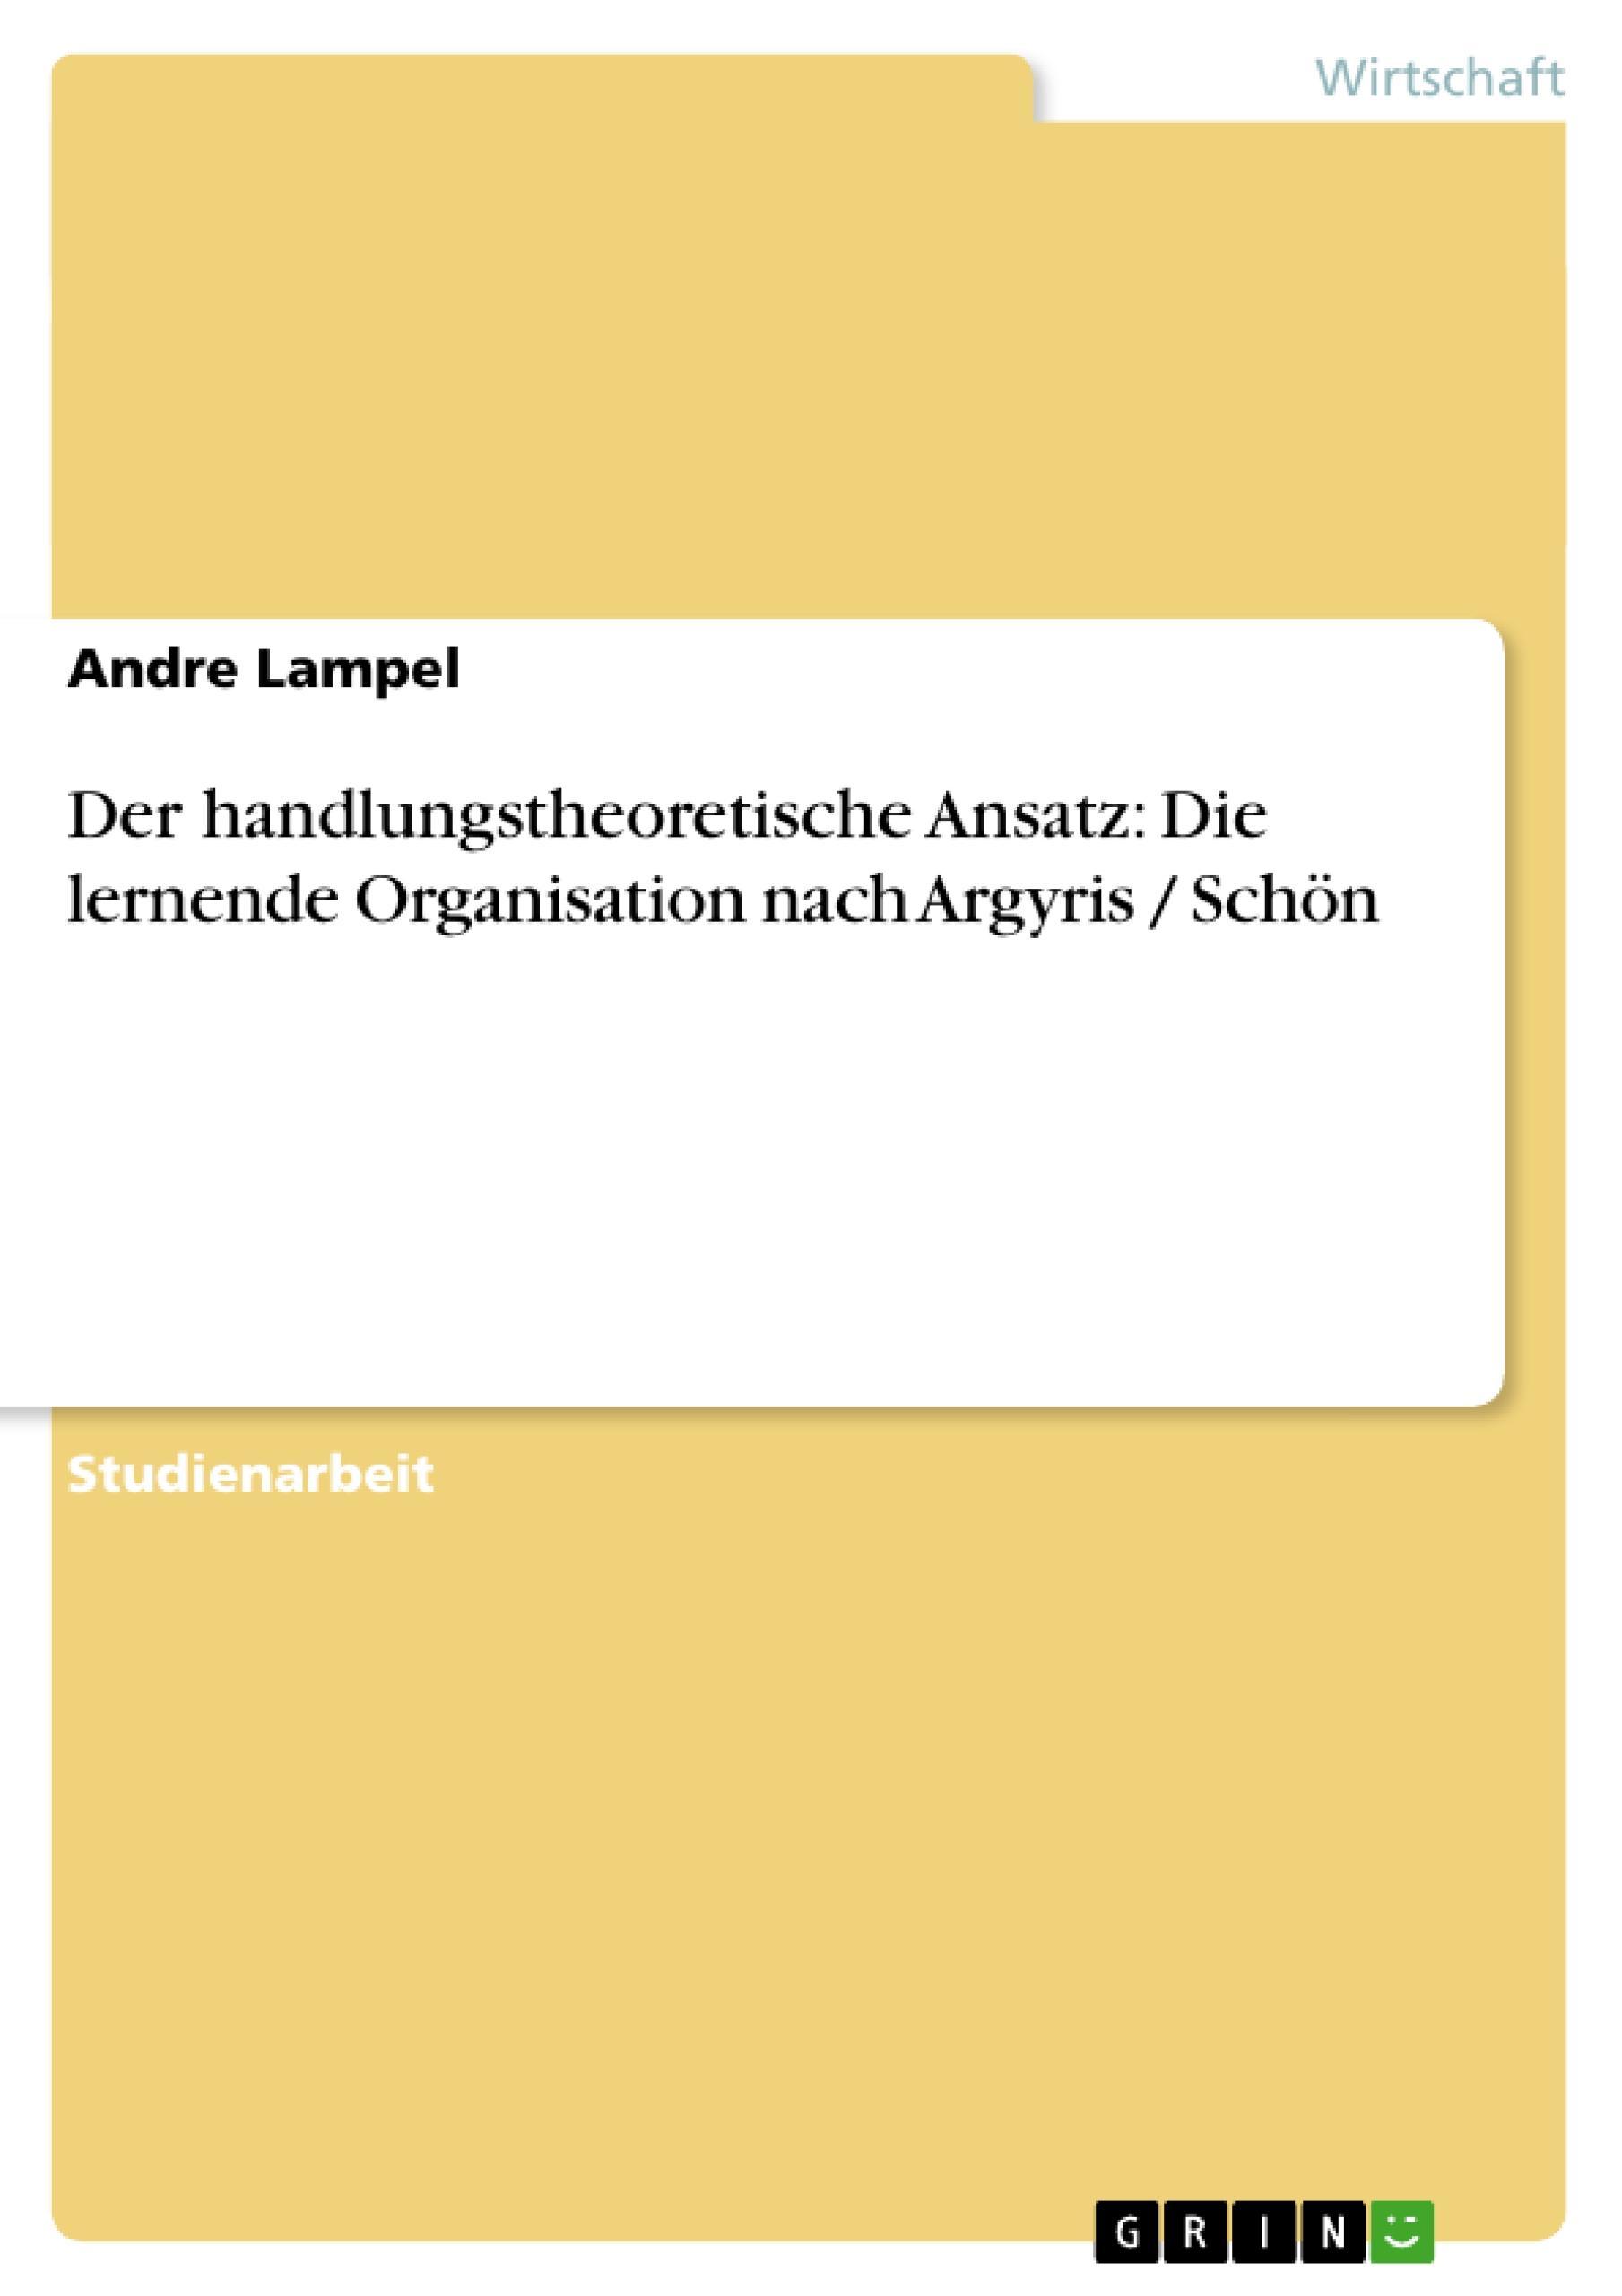 Der handlungstheoretische Ansatz: Die lernende Organisation nach Argyris / Schön - Lampel, Andre